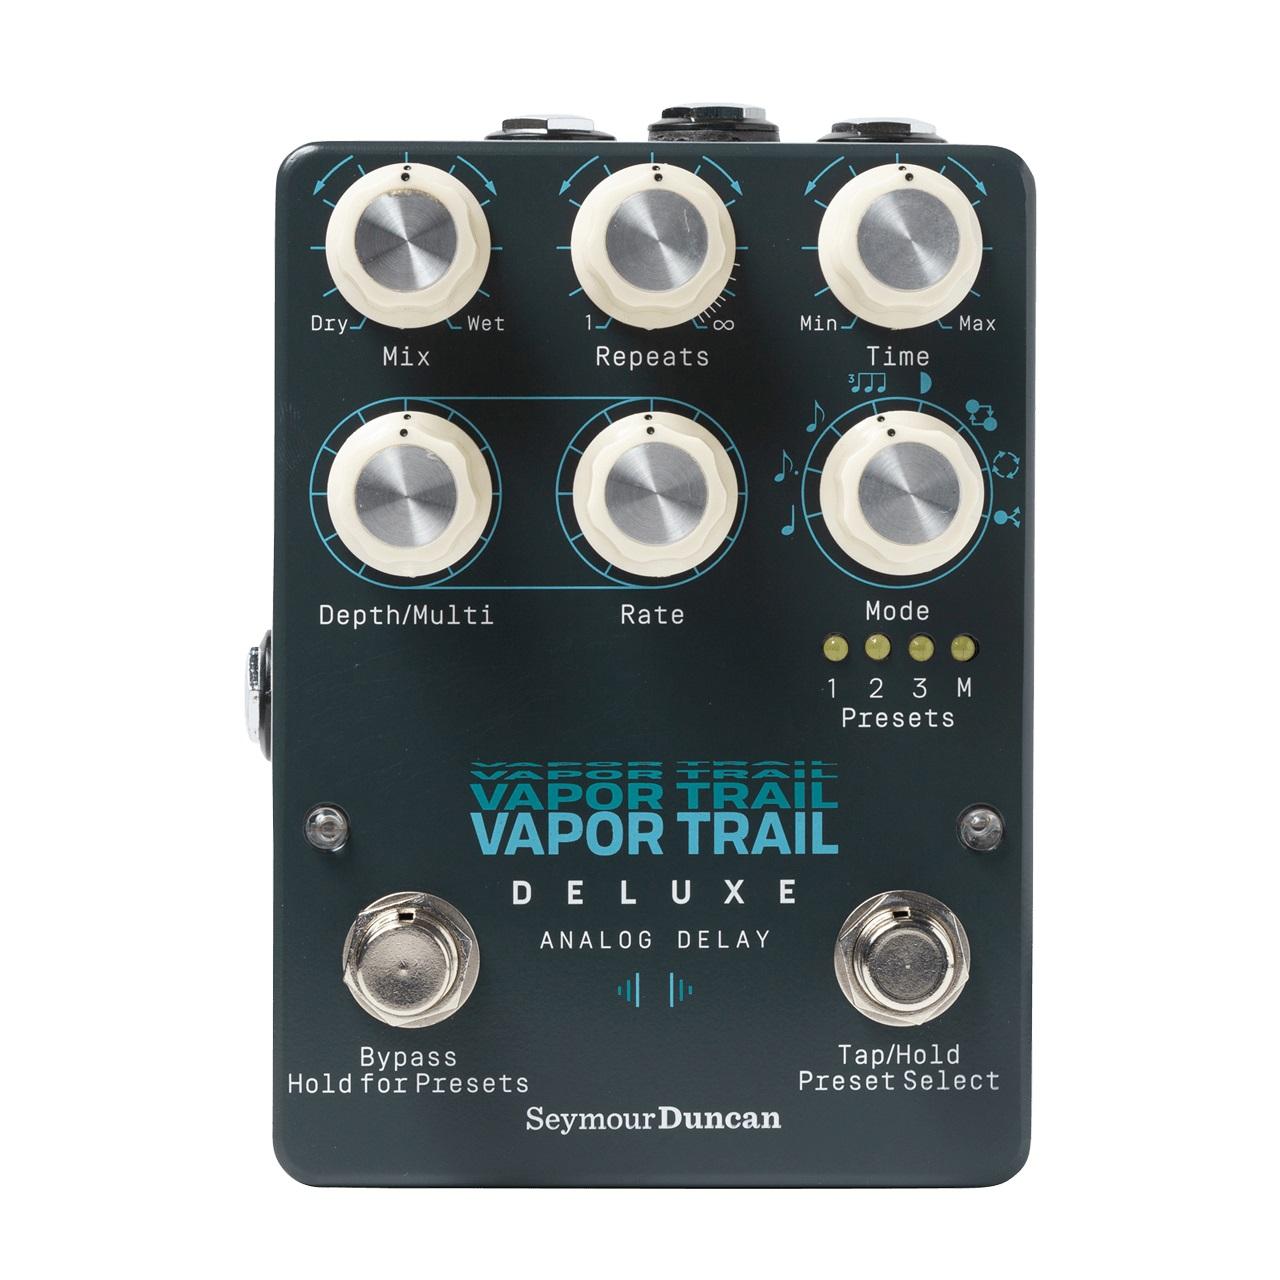 リンク:Vapor Trail Deluxe